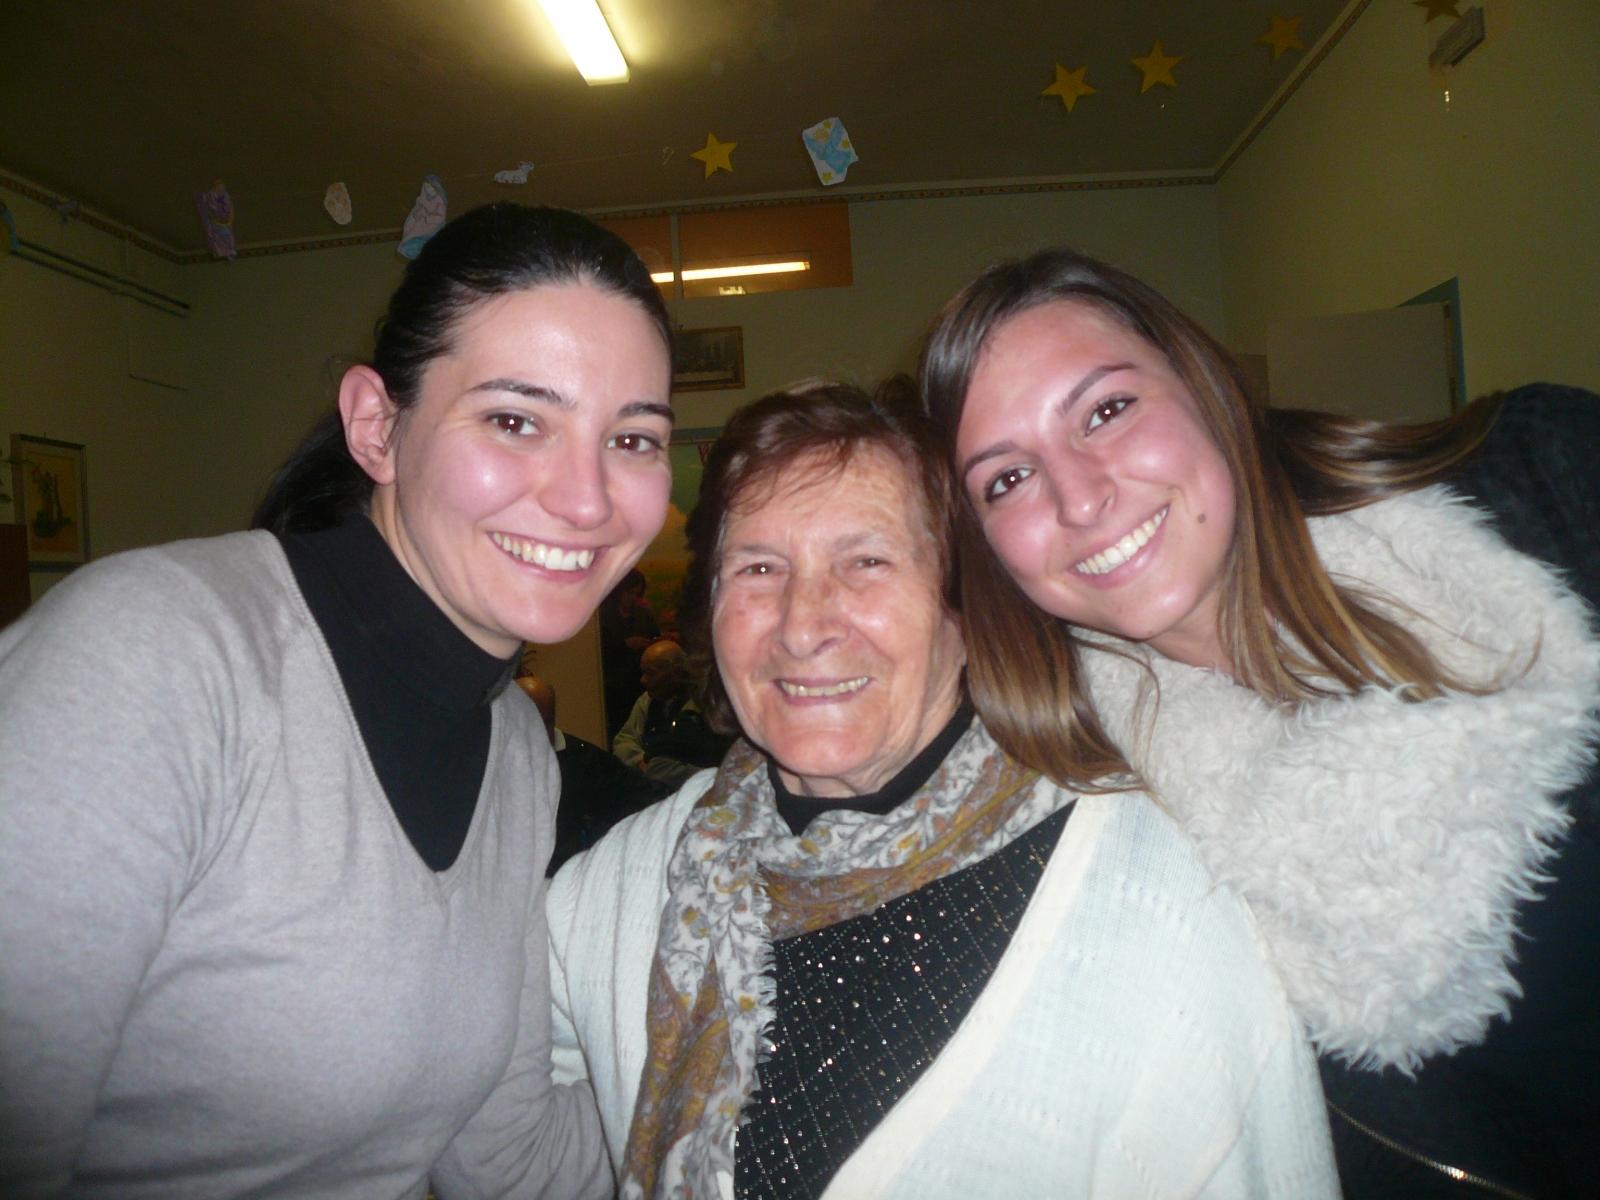 Visita-ai-nonni_Oratorio-di-Itri-LT-17-12-2015-32